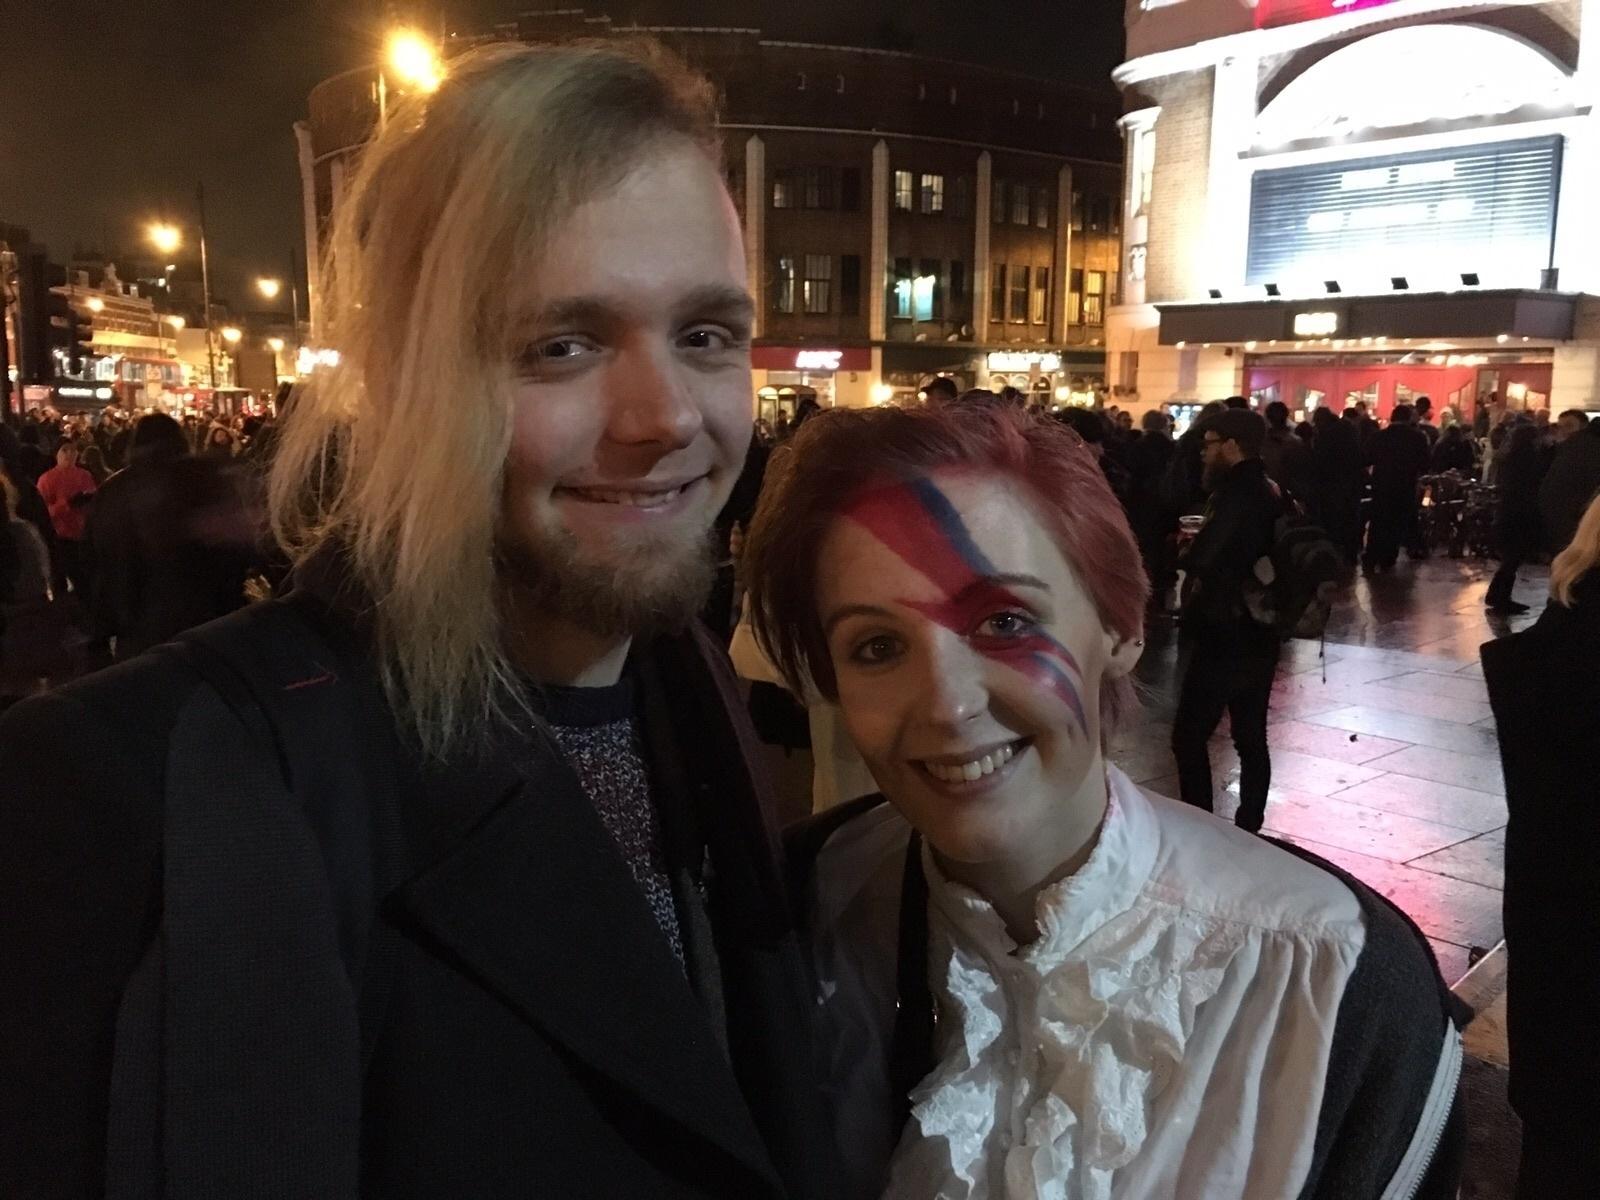 11.jan.2015 - A estudante Emma Beny, 21, comparece ao bairro de Brixton, em Londres, para homenagear David Bowie